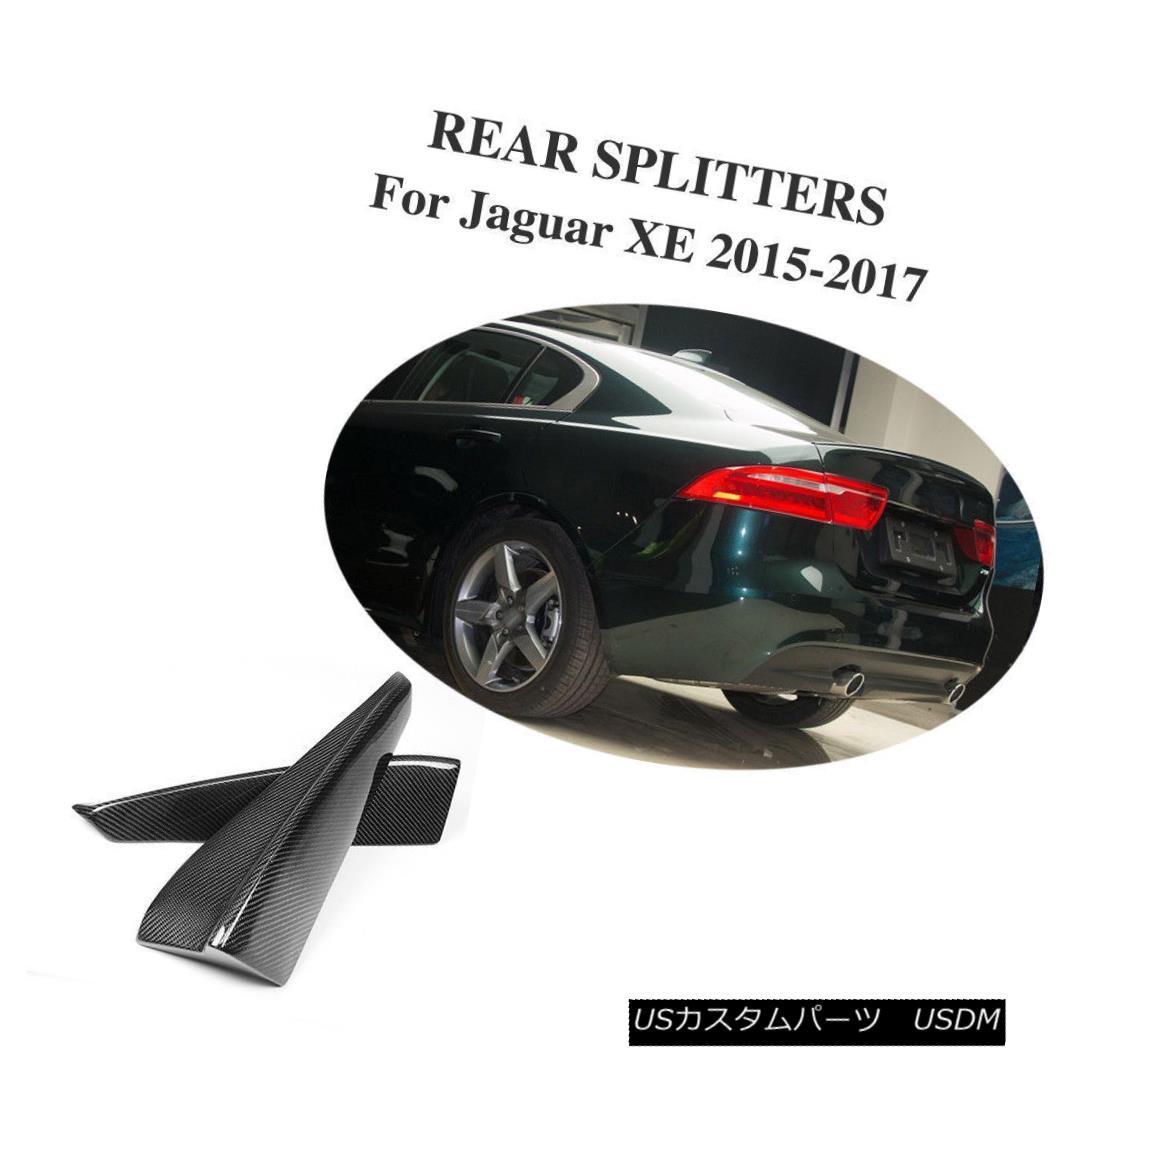 エアロパーツ Carbon Fiber Rear Bumper Splitter Side Spoiler Fit for Jaguar XE Sedan 2015-17 Jaguar XE Sedan 2015-17用カーボンファイバーリアバンパースプリッターサイドスポイラーフィット